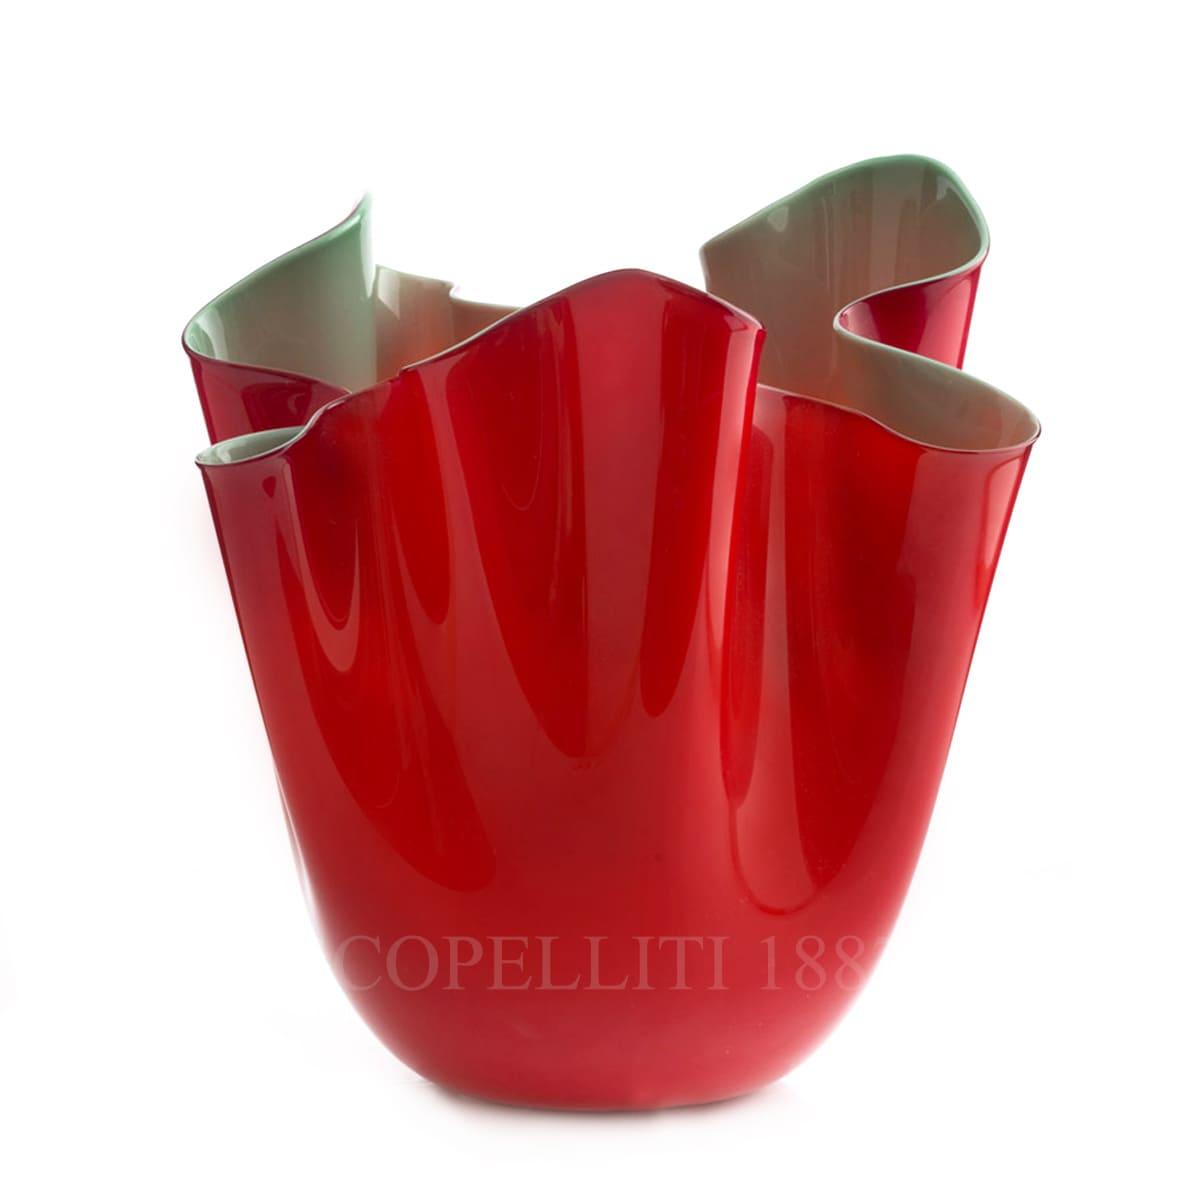 venini gift fazzoletto red vase